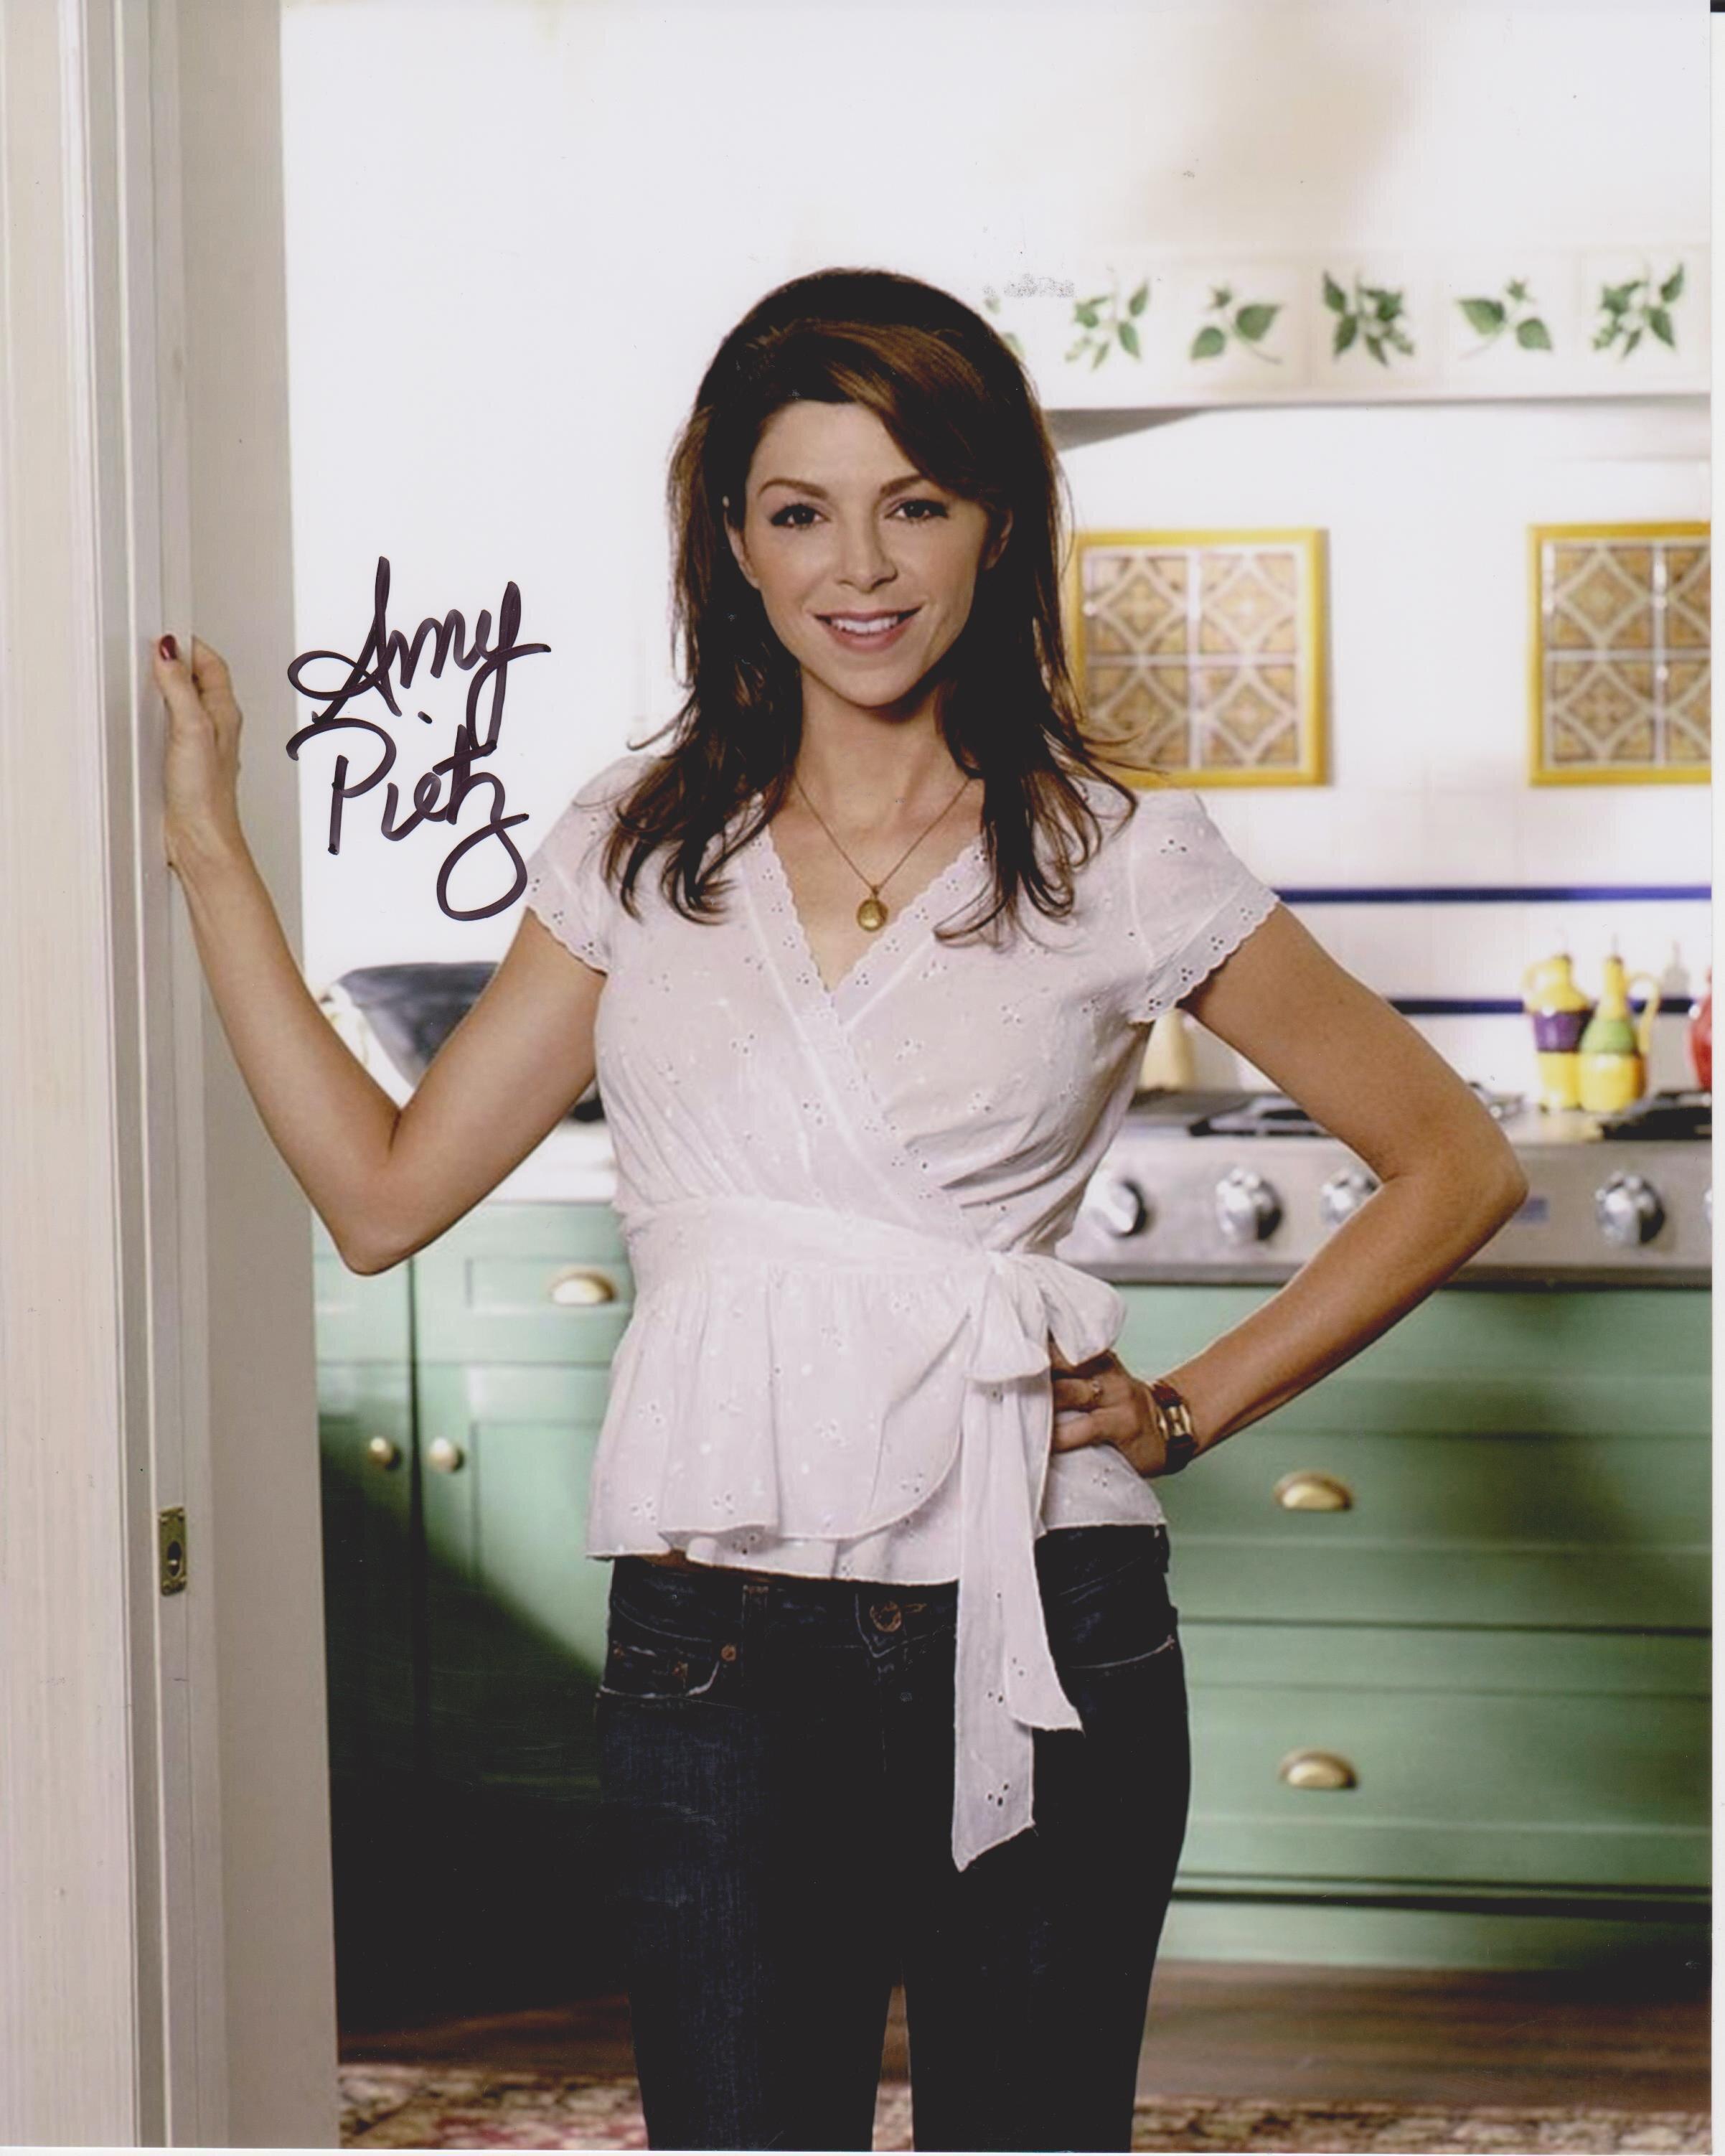 Amy Pietz Amy Pietz new photo